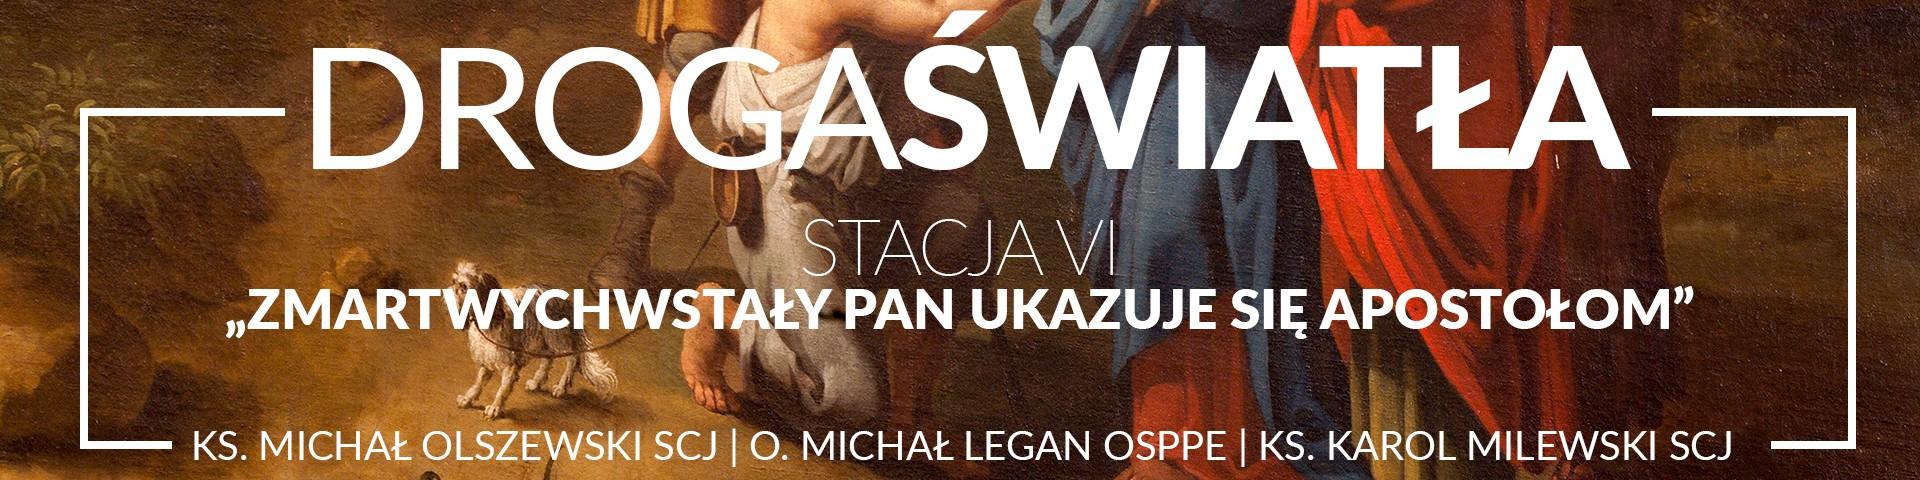 Droga Światła - Stacja VI: Zmartwychwstały Pan ukazuje się apostołom - O. Michał Legan OSPPE (video)